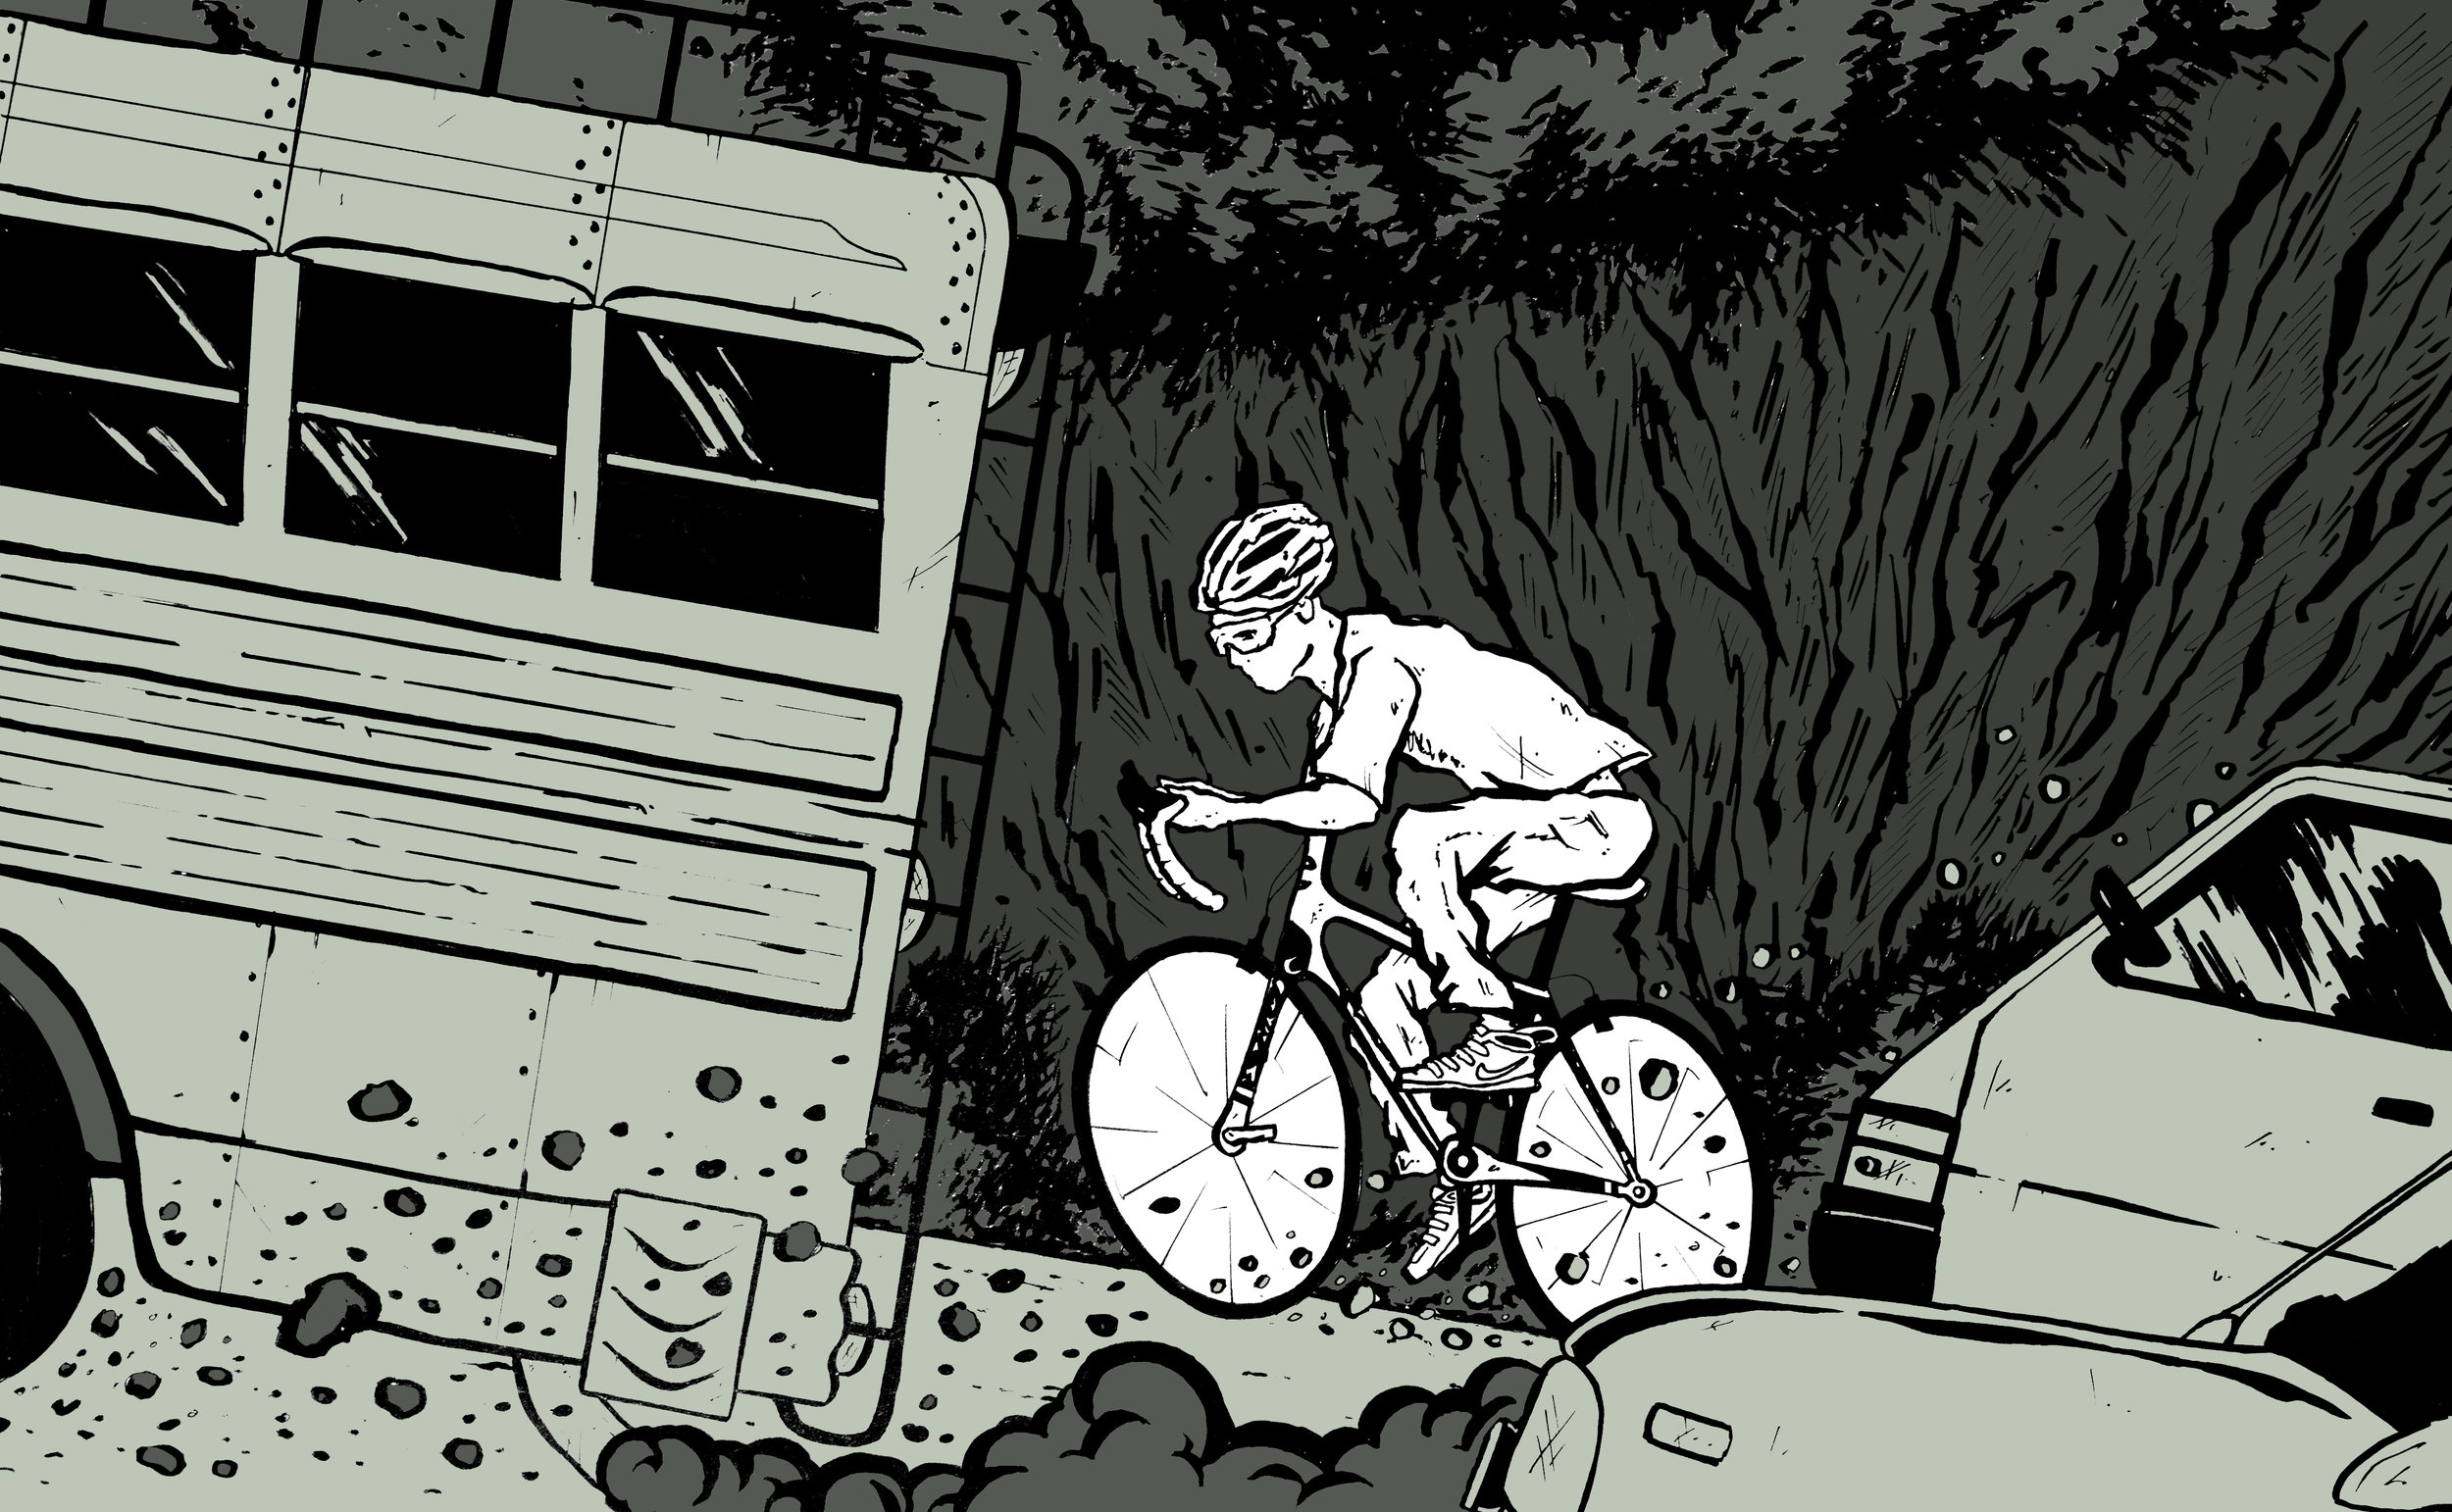 Nolvin_Bike.jpg